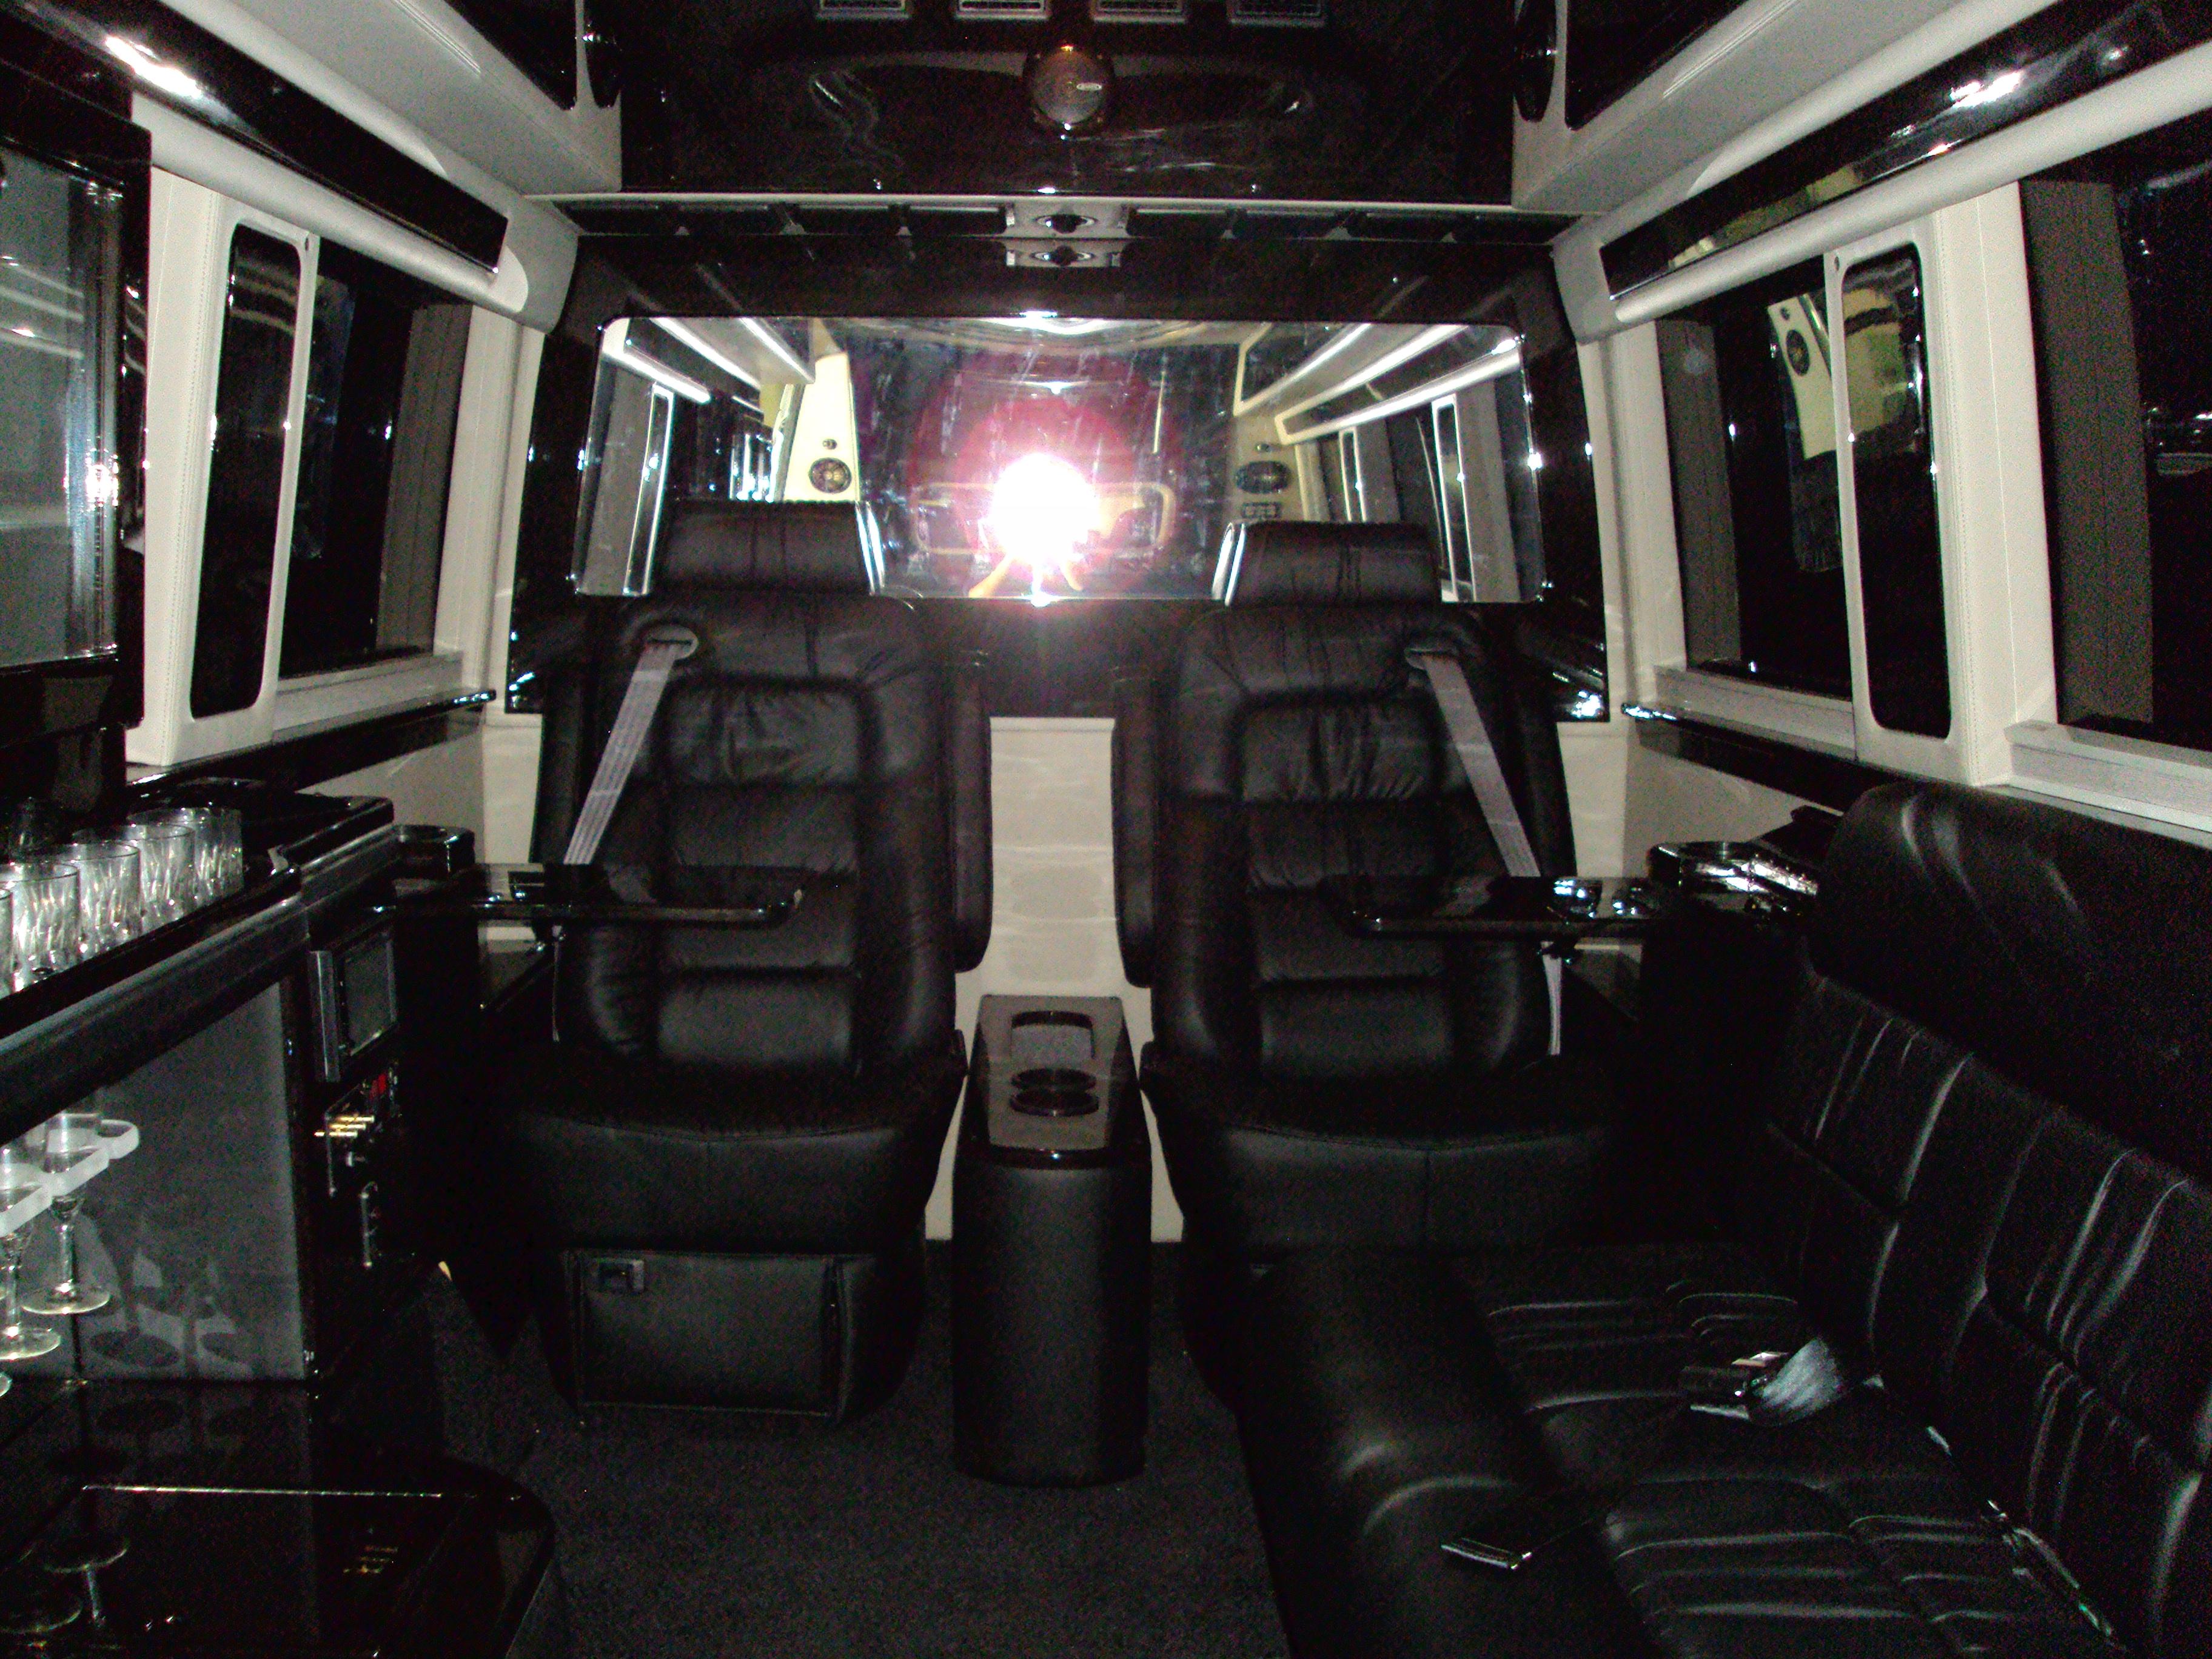 2012 Mercedes Benz Sprinter Executive Limousine Series G